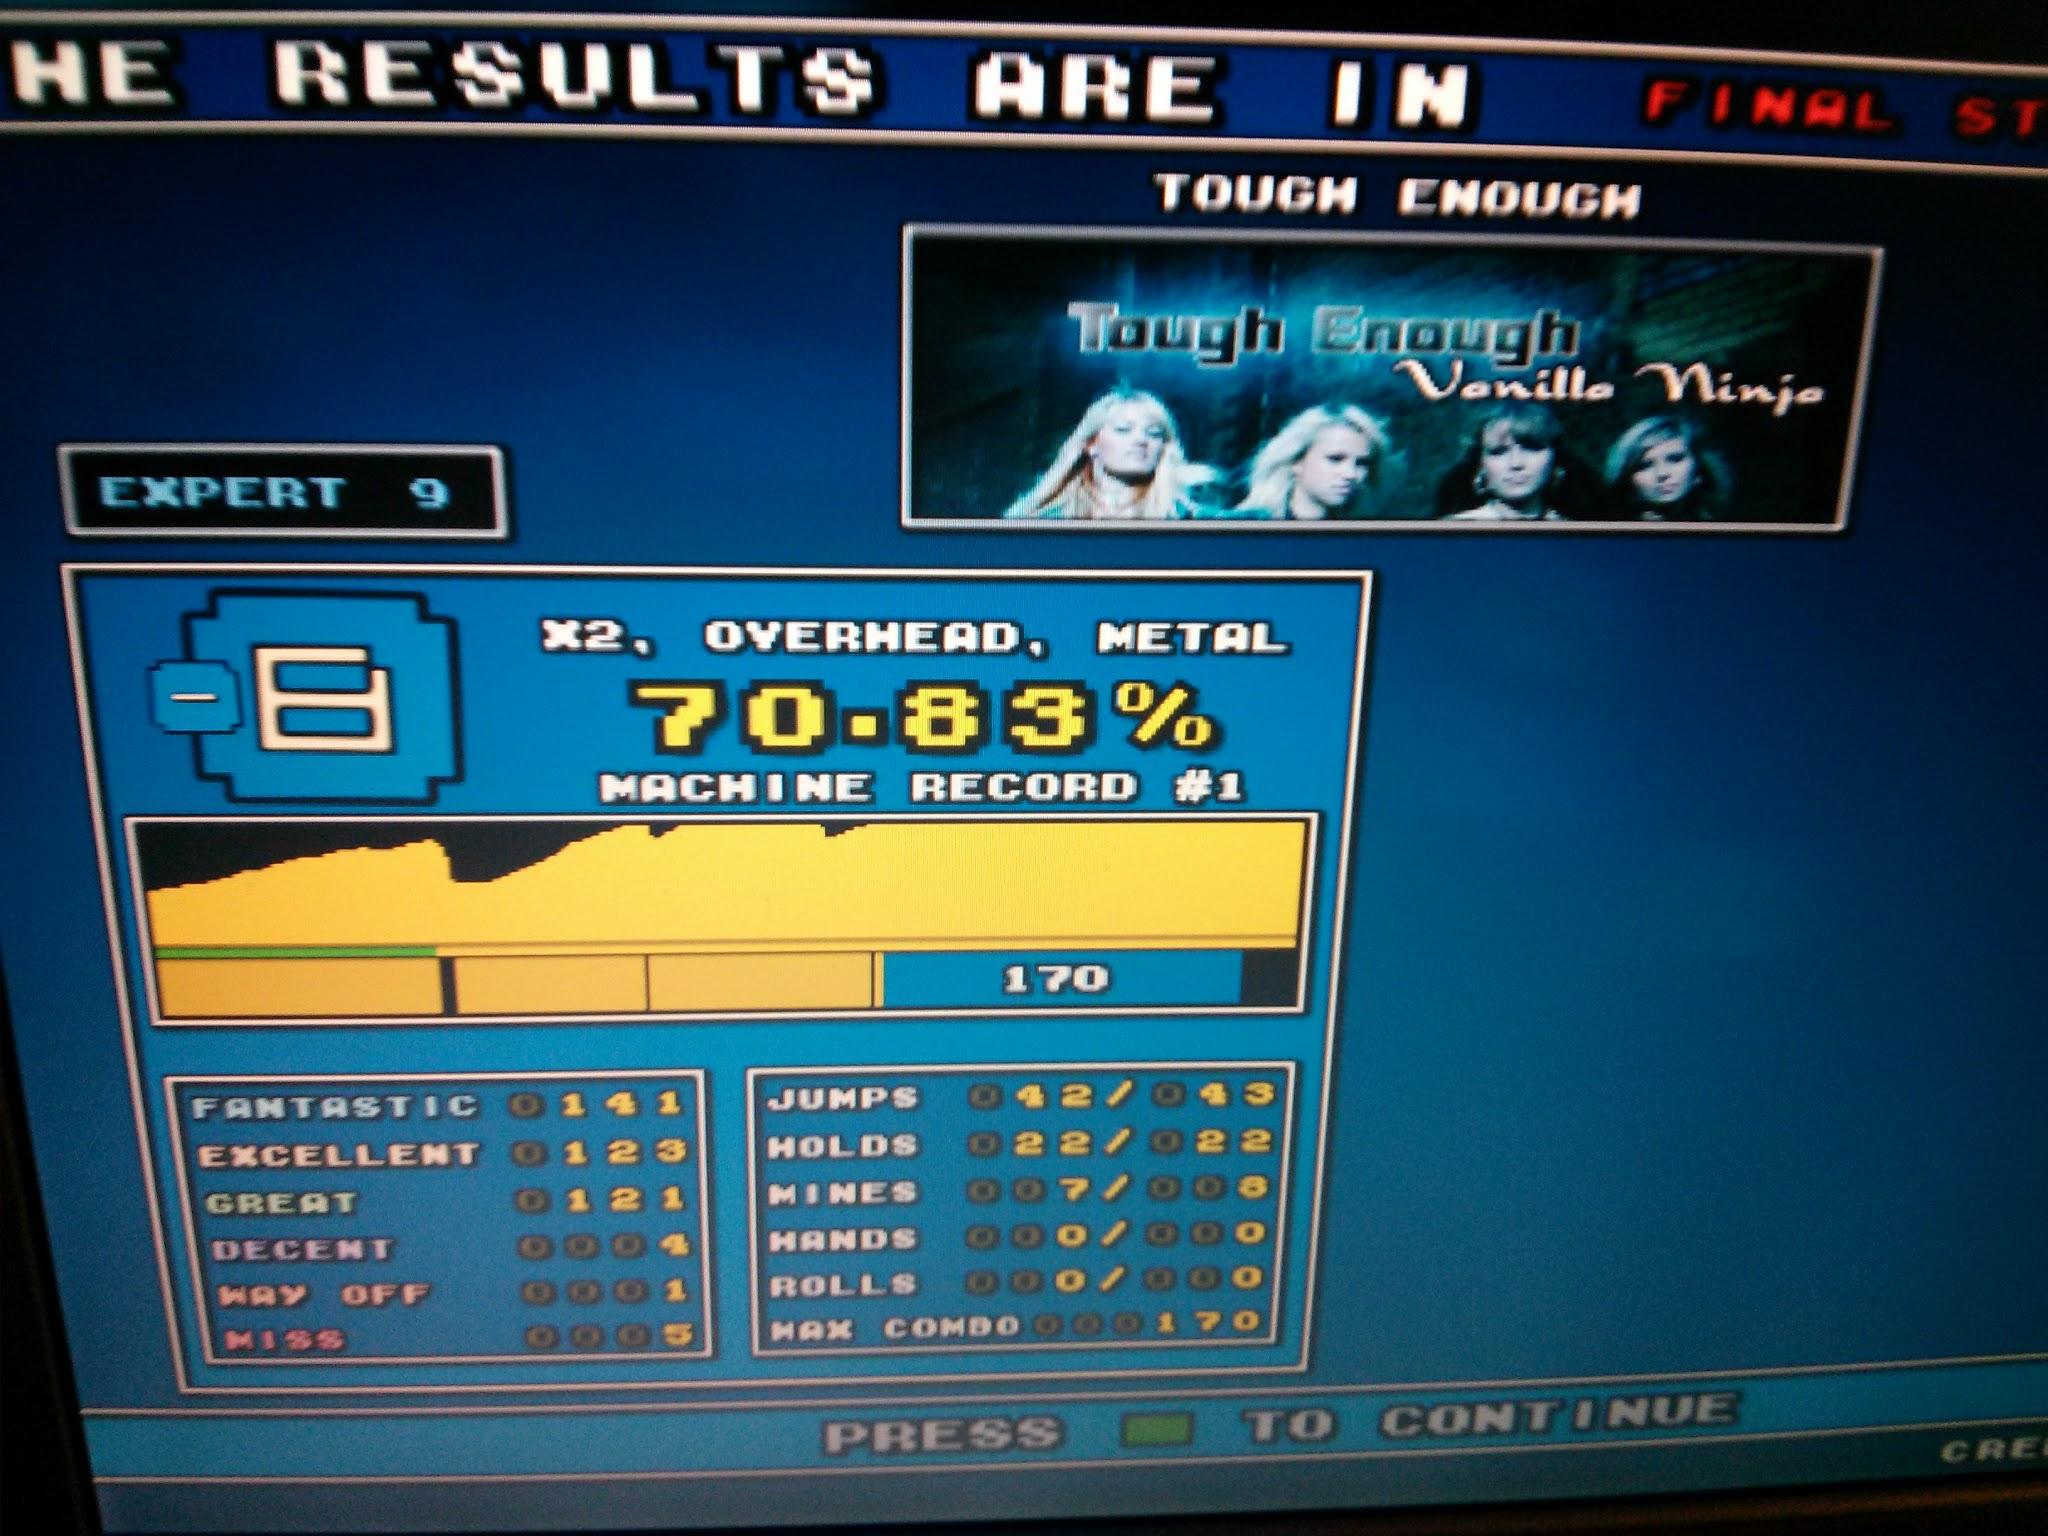 DDR Scores 12-12-12 5